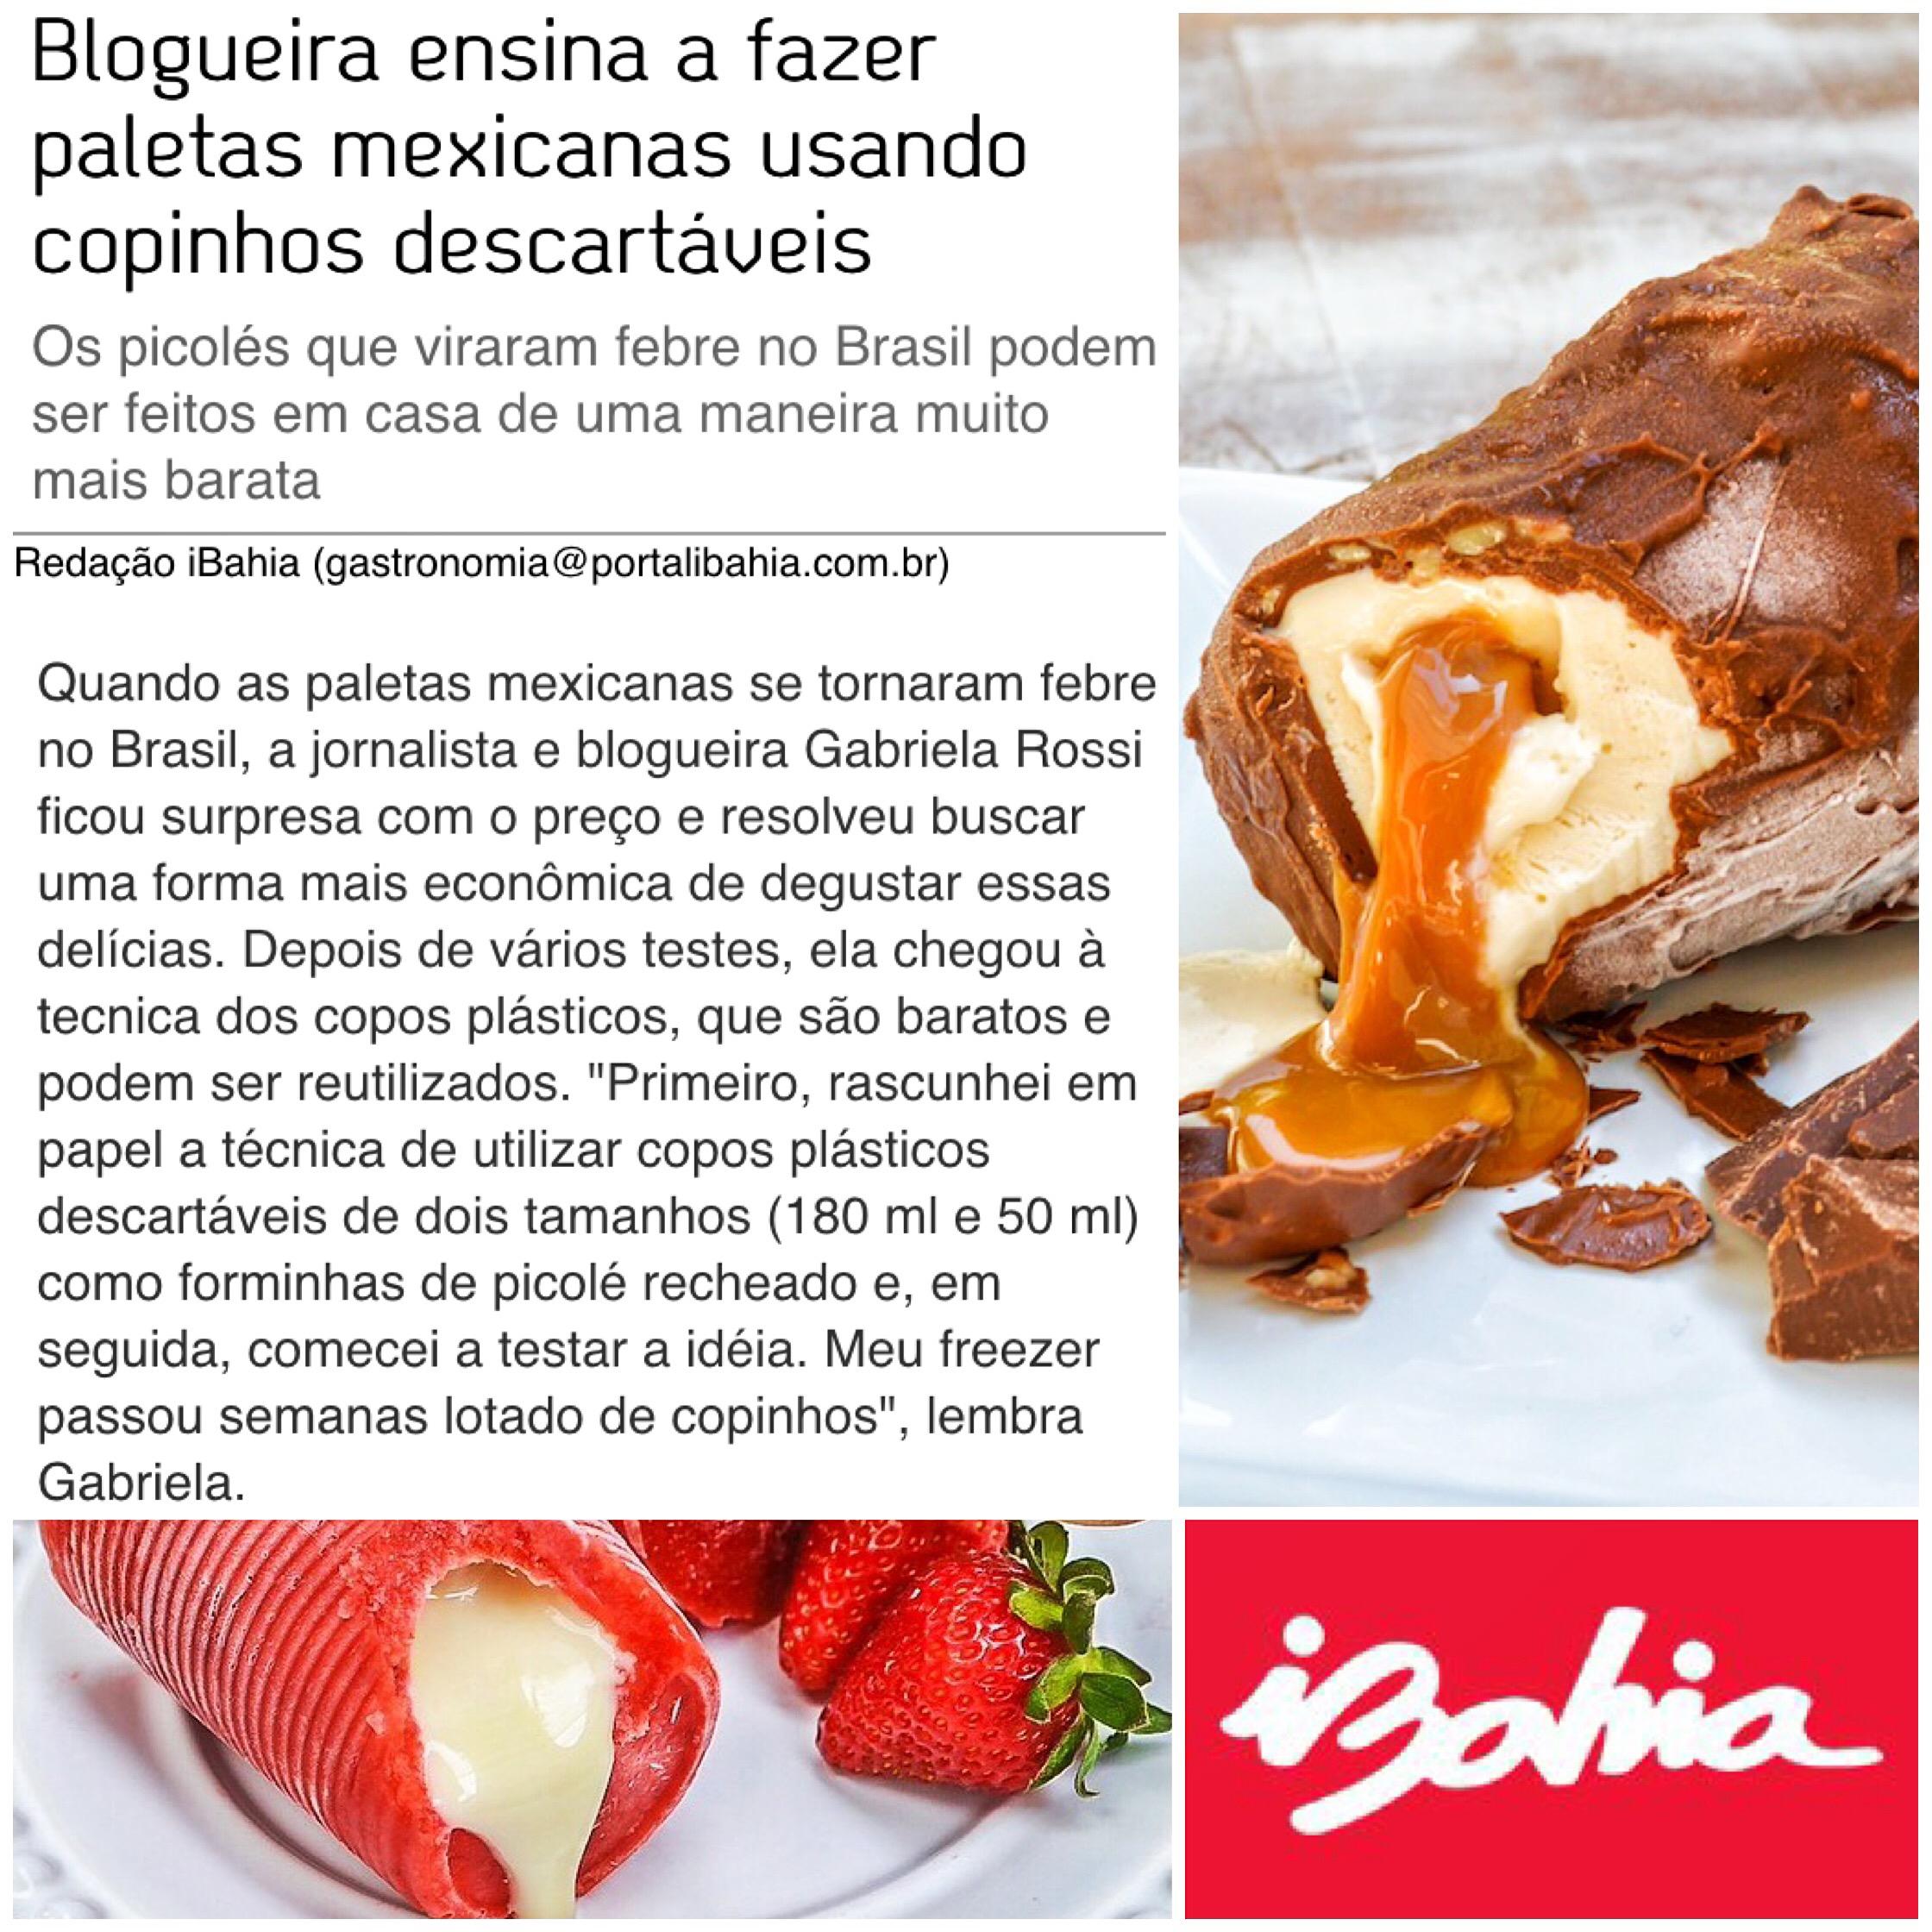 Paletas do Bom Gosto aparecem em matéria do Portal iBahia da Rede Globo